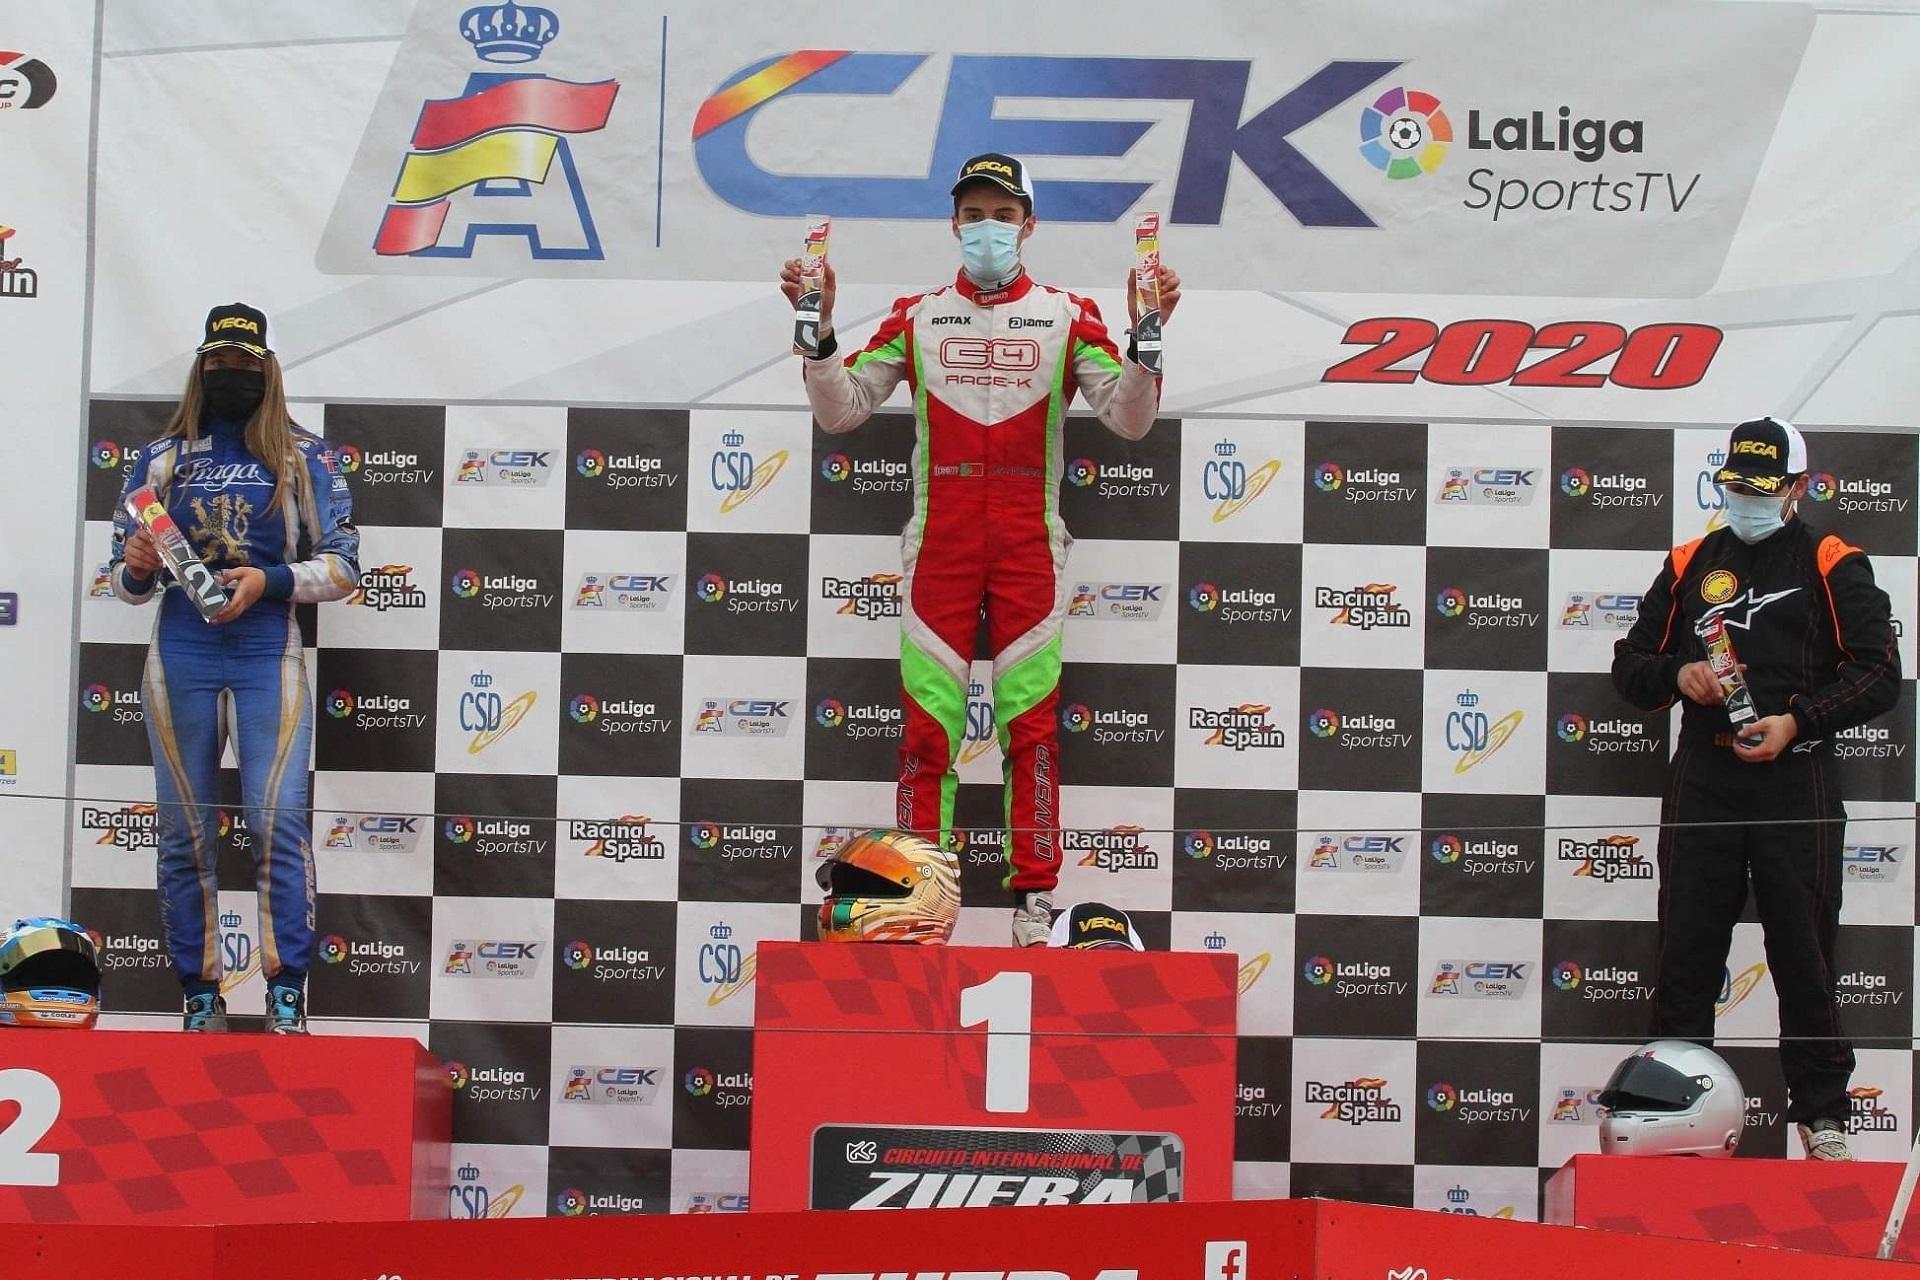 Guilherme de Oliveira garante lugar mais alto do pódio na categoria KZ2 em Espanha